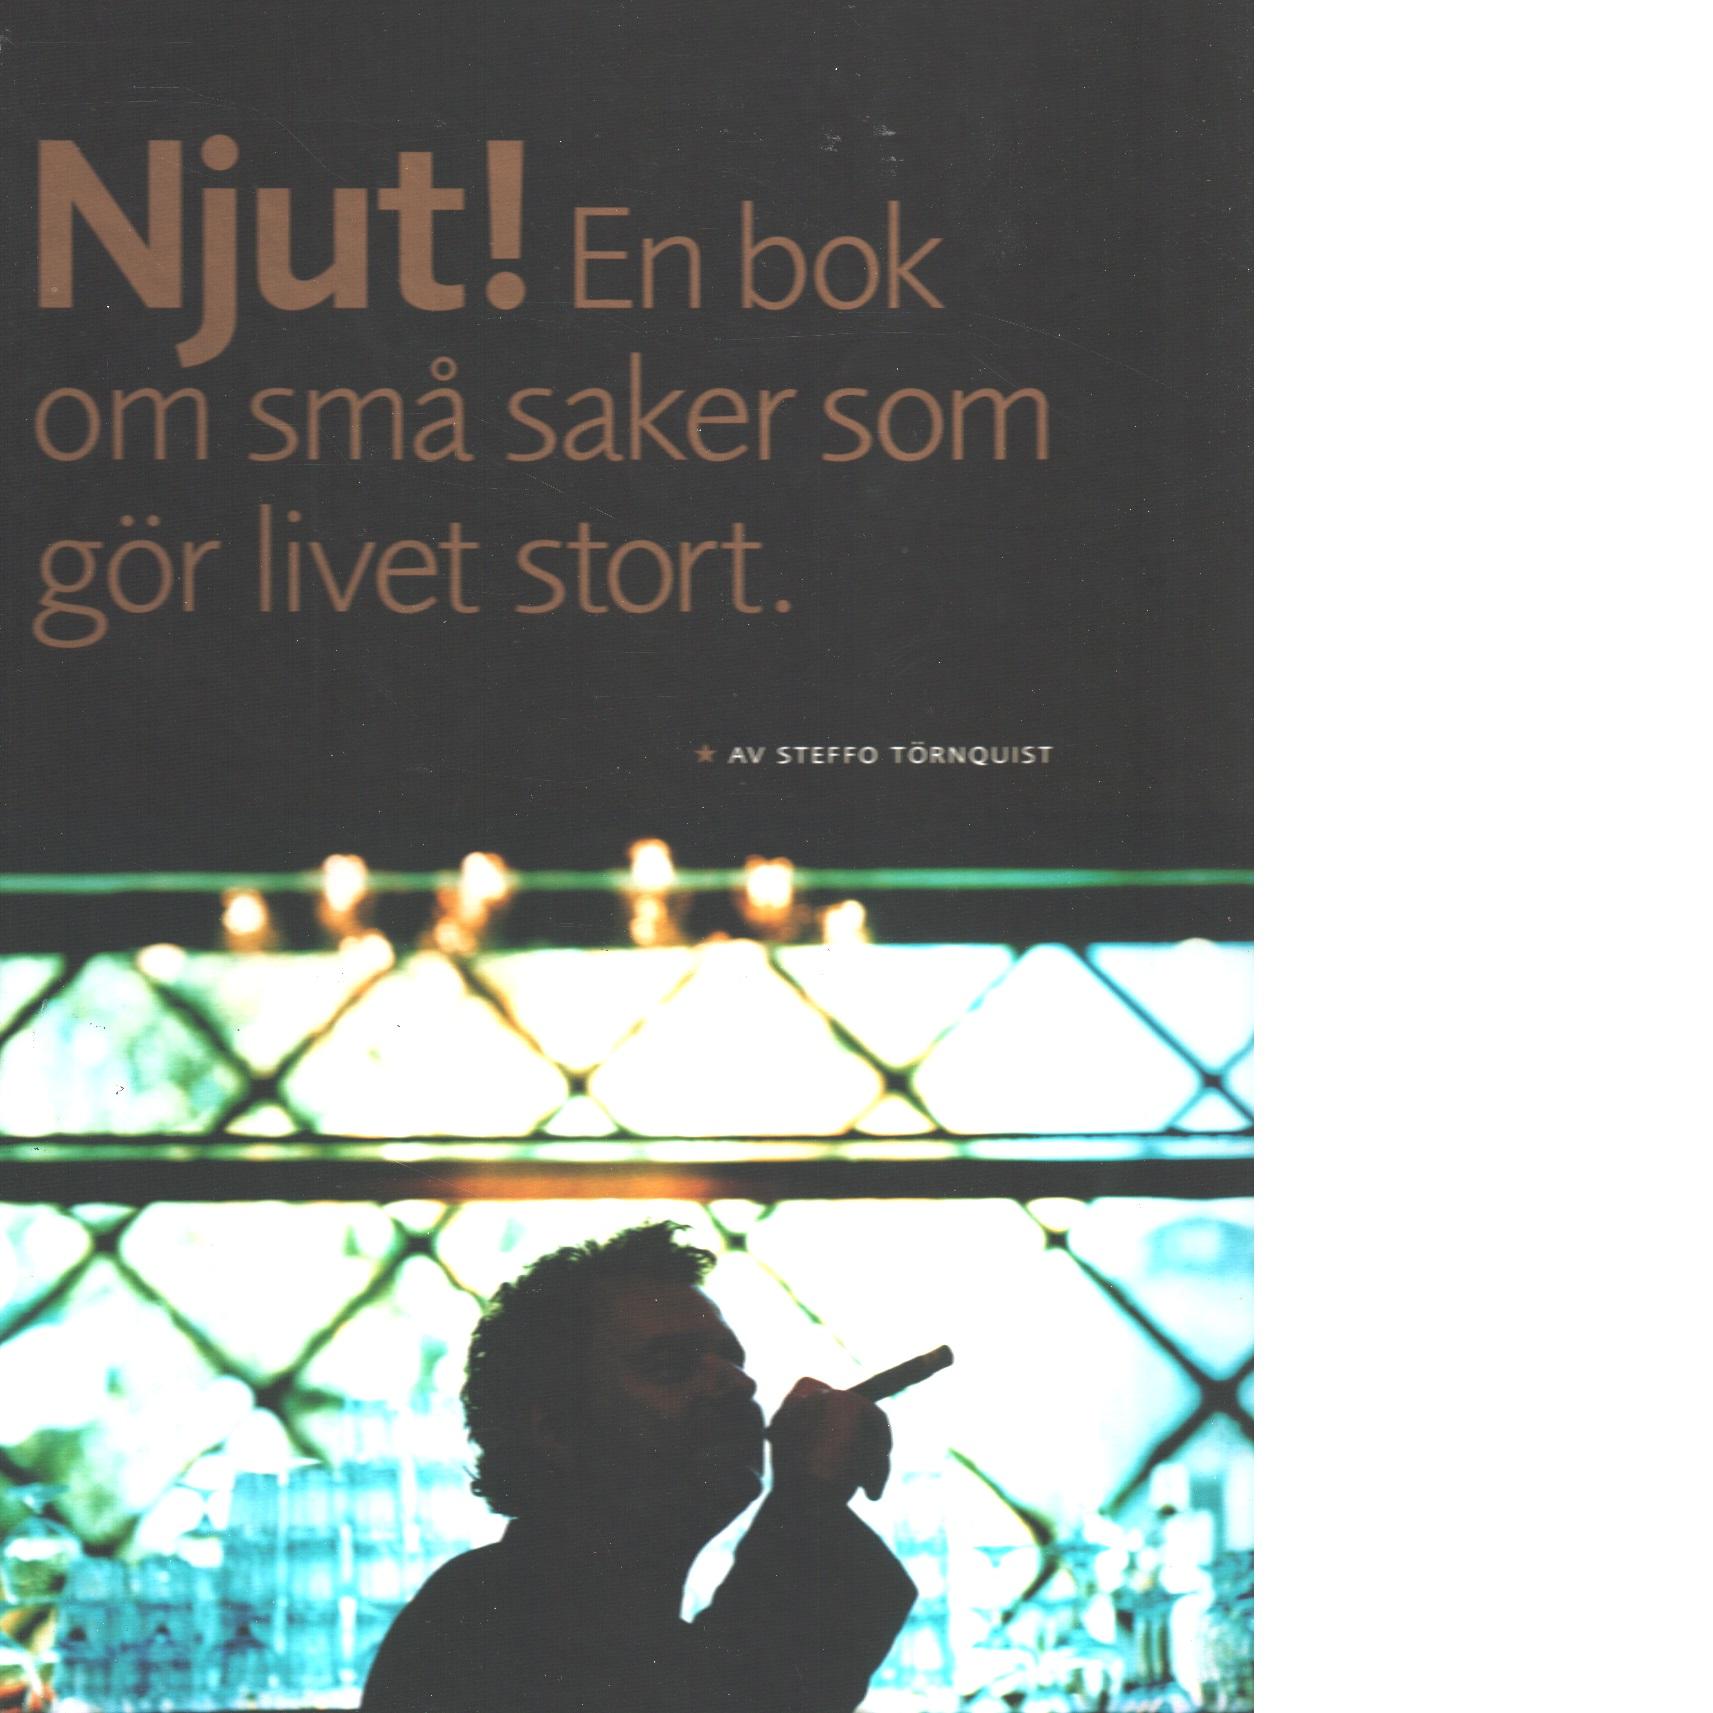 Njut! : en bok om små saker som gör livet stort - Törnquist, Steffo